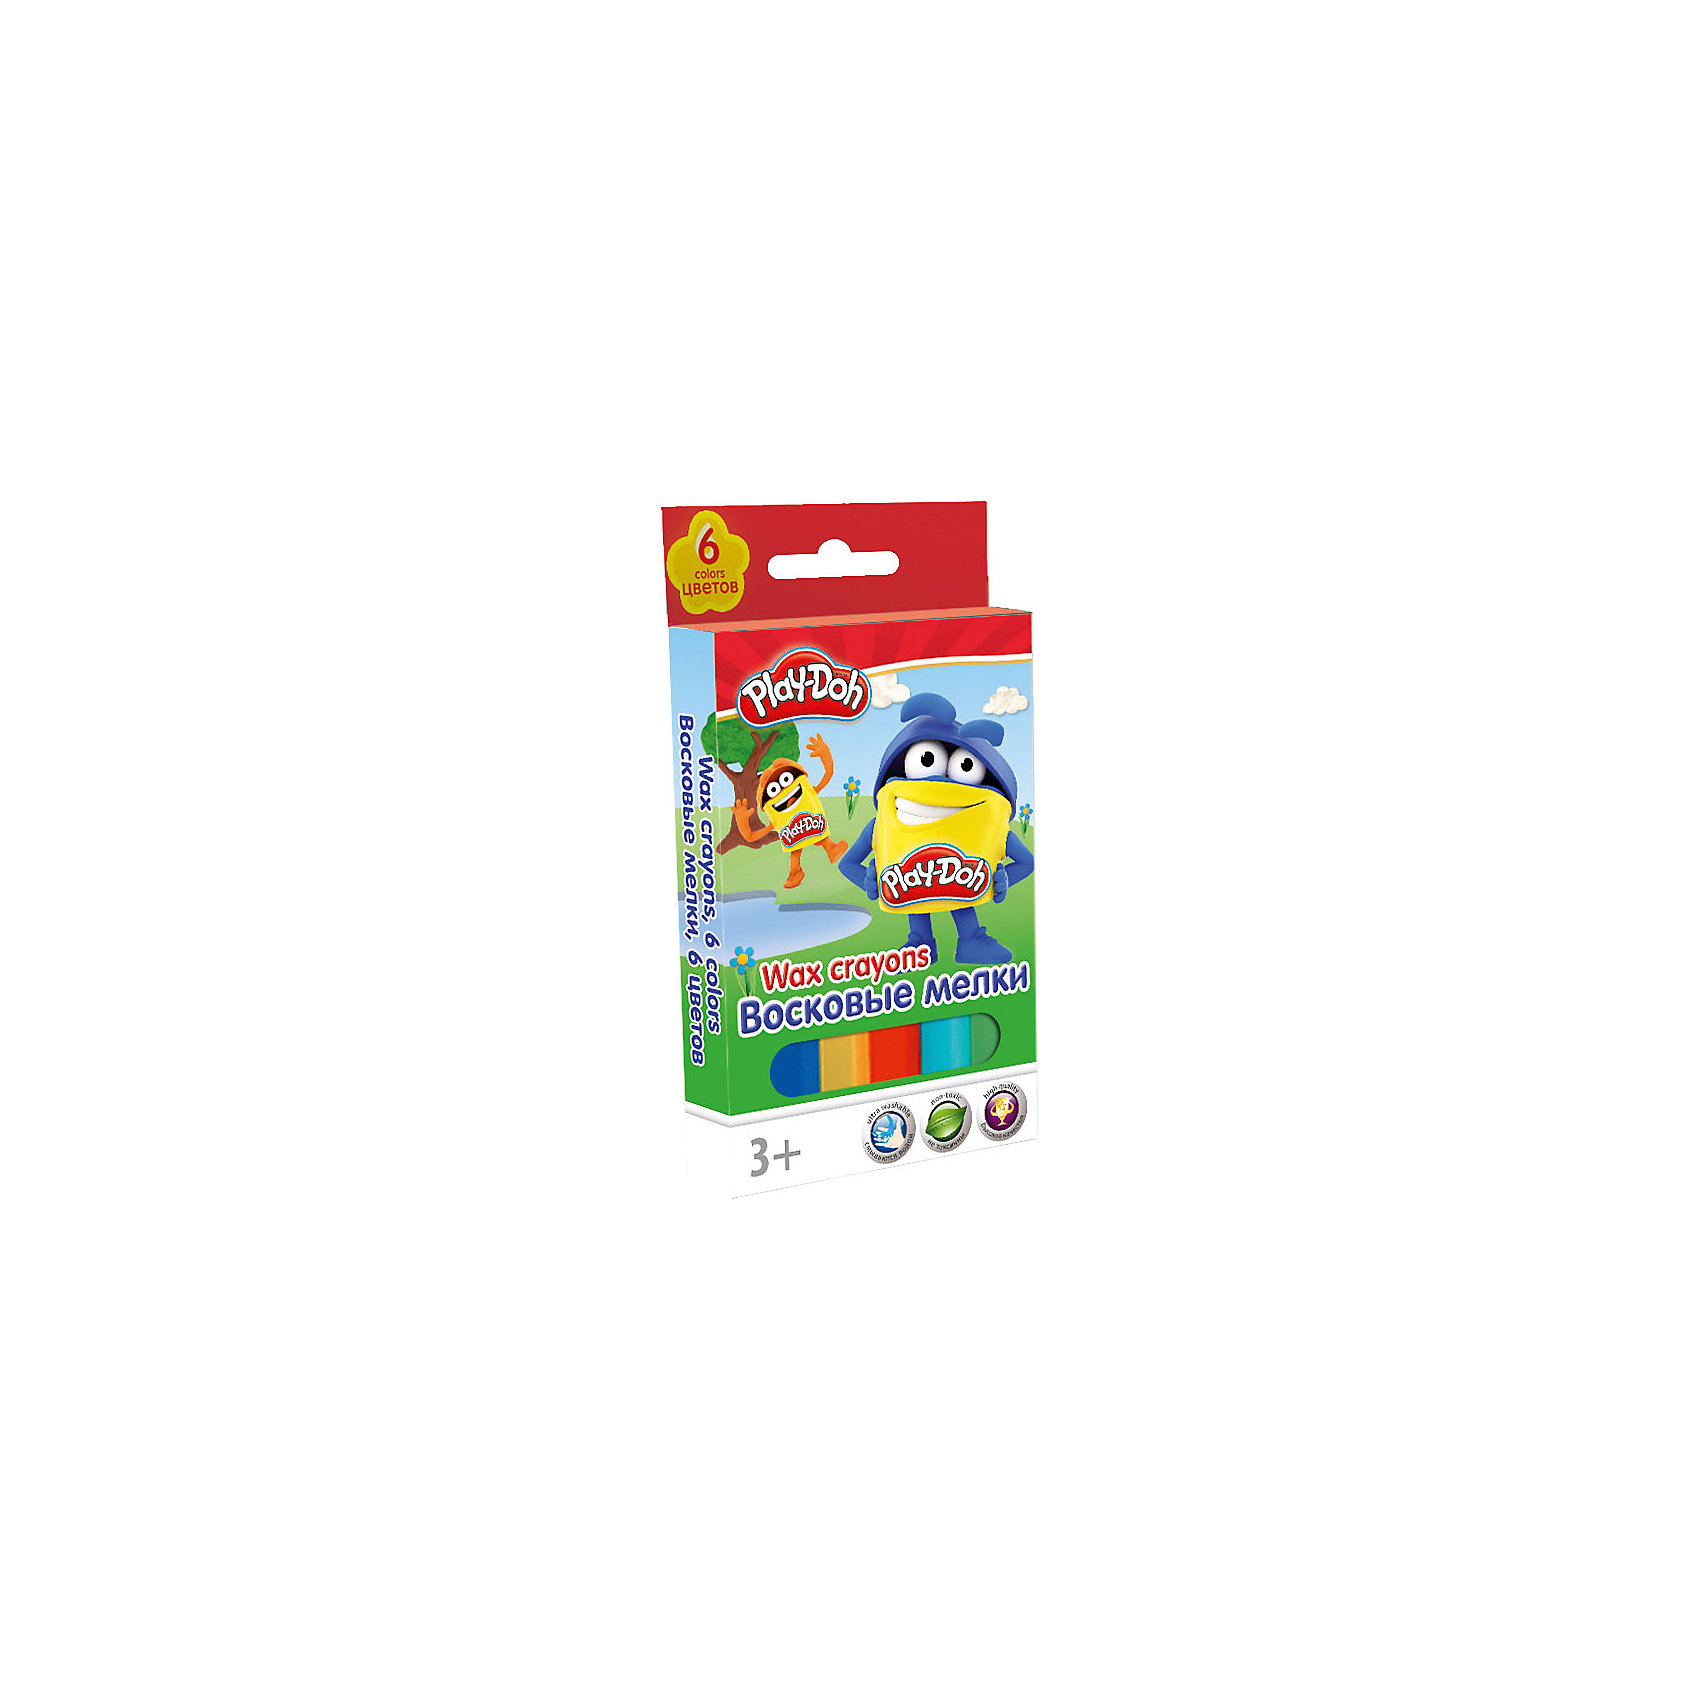 Академия групп Восковые мелки, 6 шт, Play-Doh crayola мелки восковые треугольные смываемые 16 шт